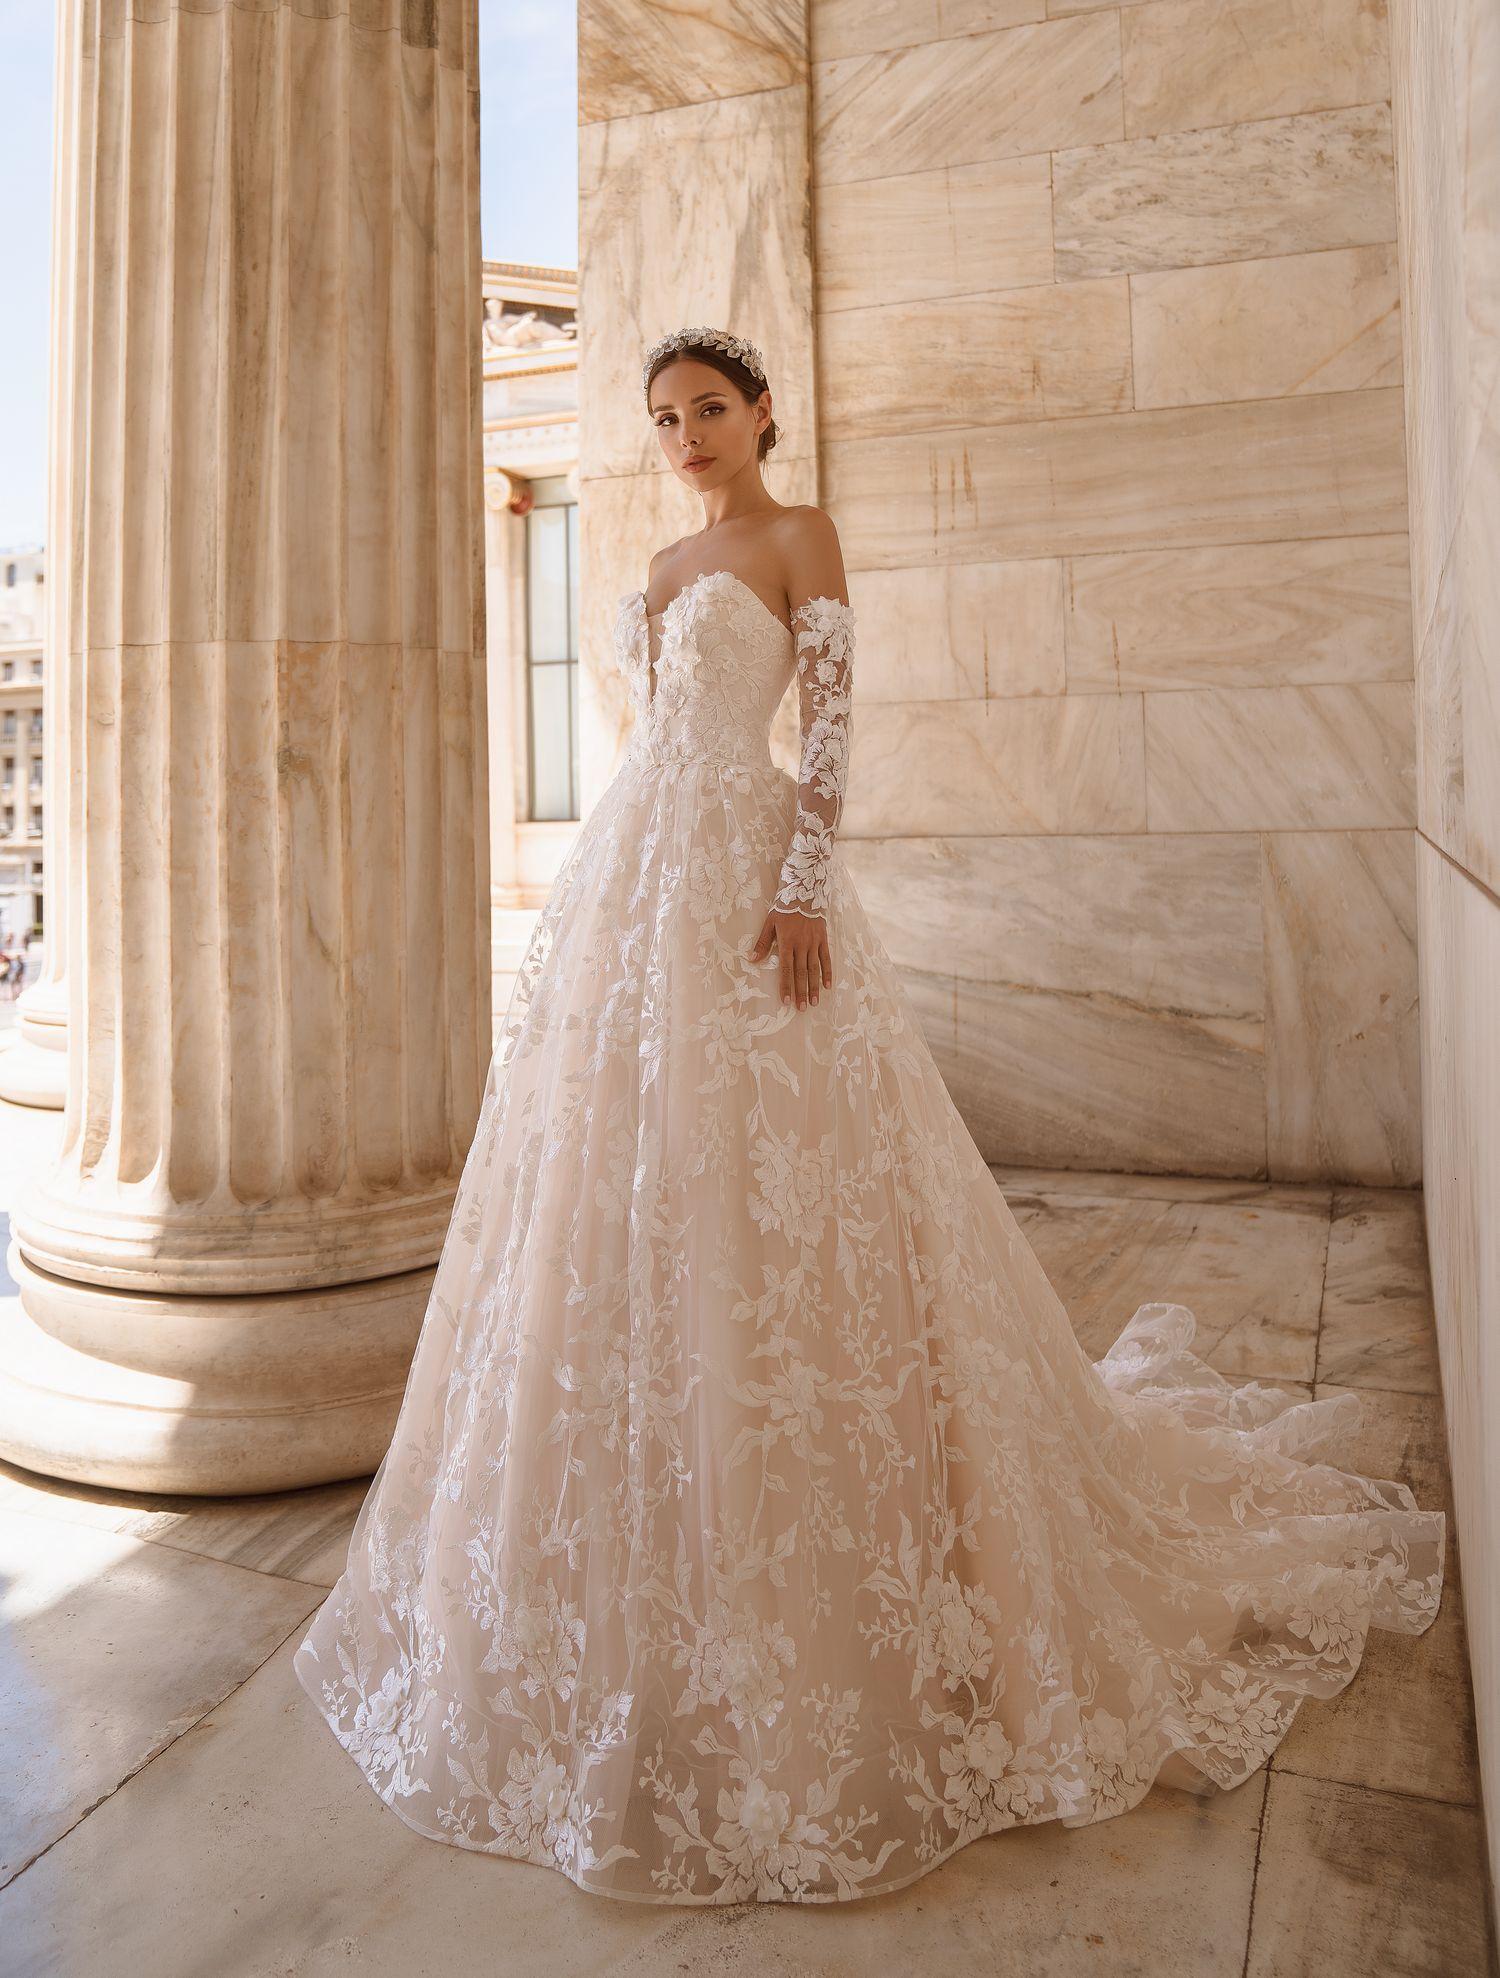 Off-the-shoulder wedding dress from manufacturer Supernova wholesale-1